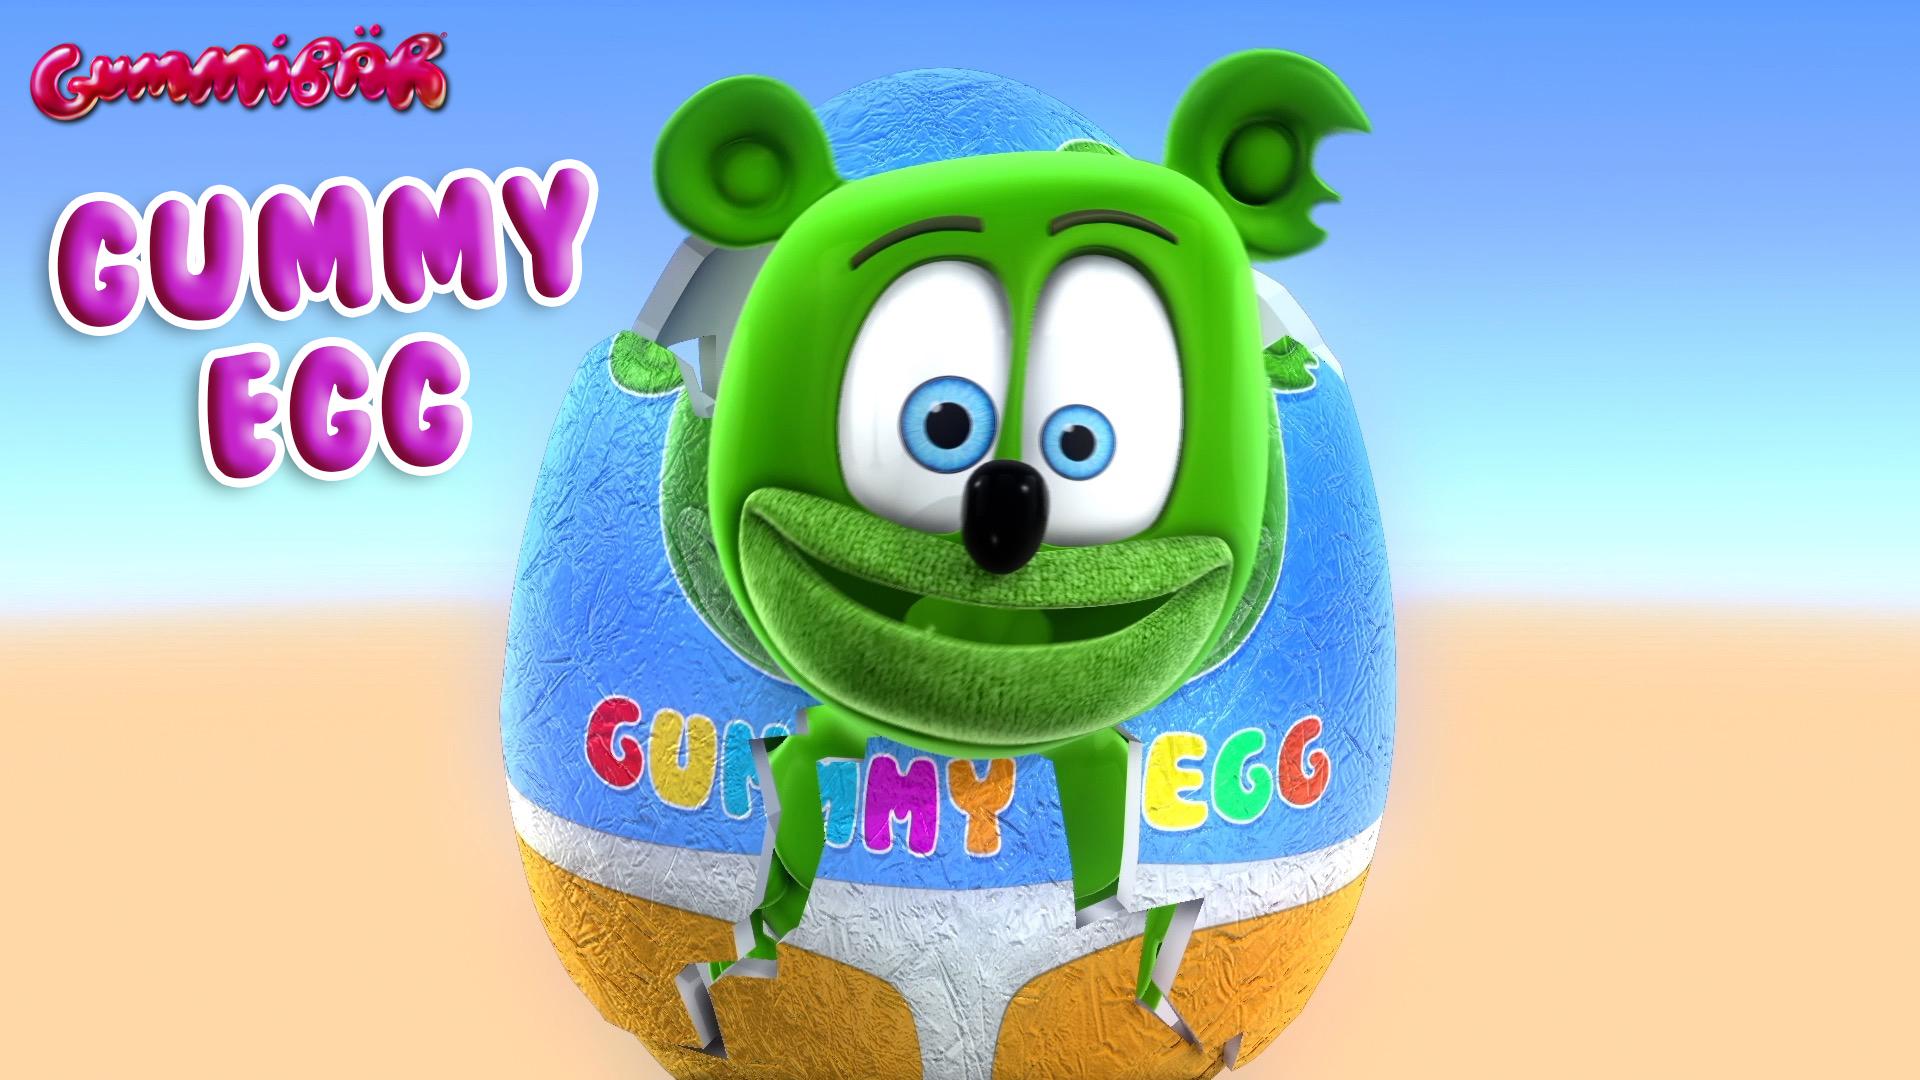 Gummy Bear - Gummy Egg